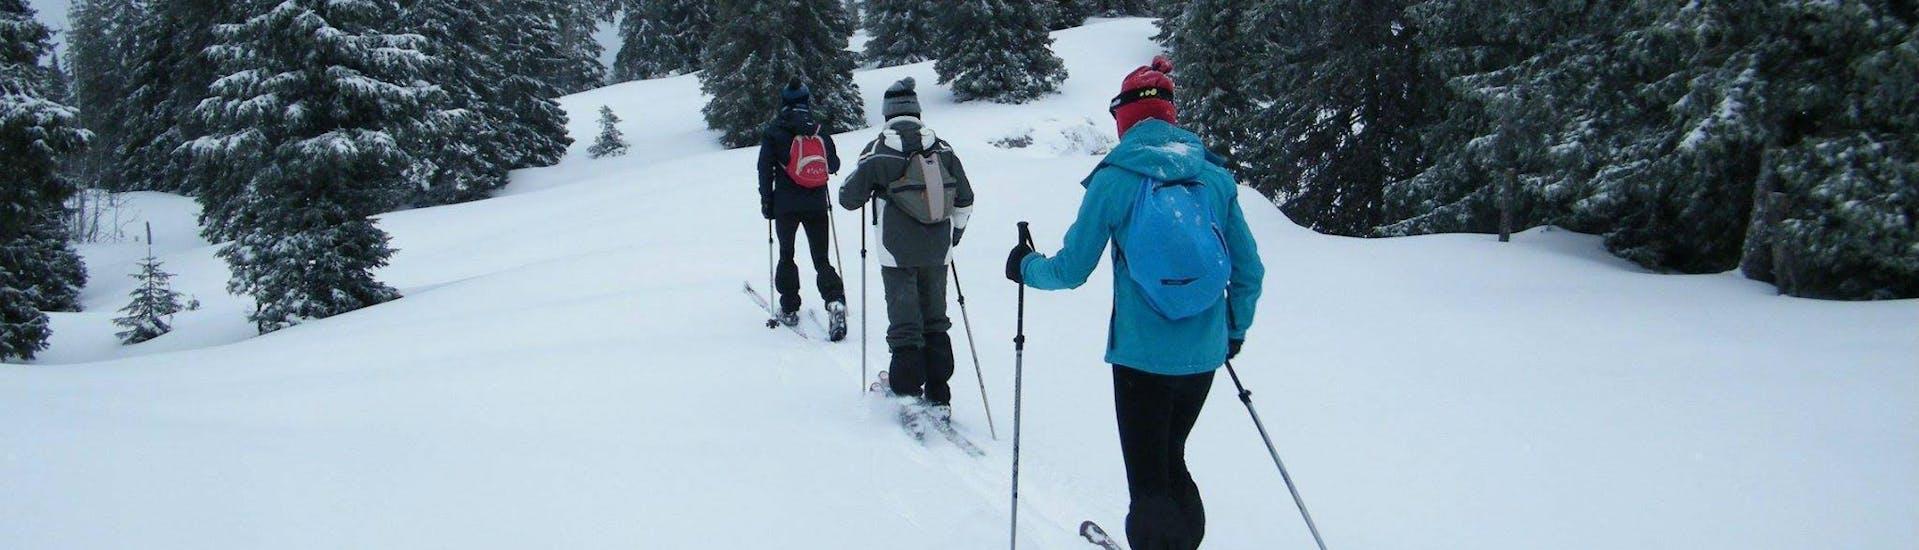 Des skieurs skient dans la neige au milieu d'arbres pendant leur Cours particulier de ski de fond - Basse saison avec l'ESI Font Romeu.